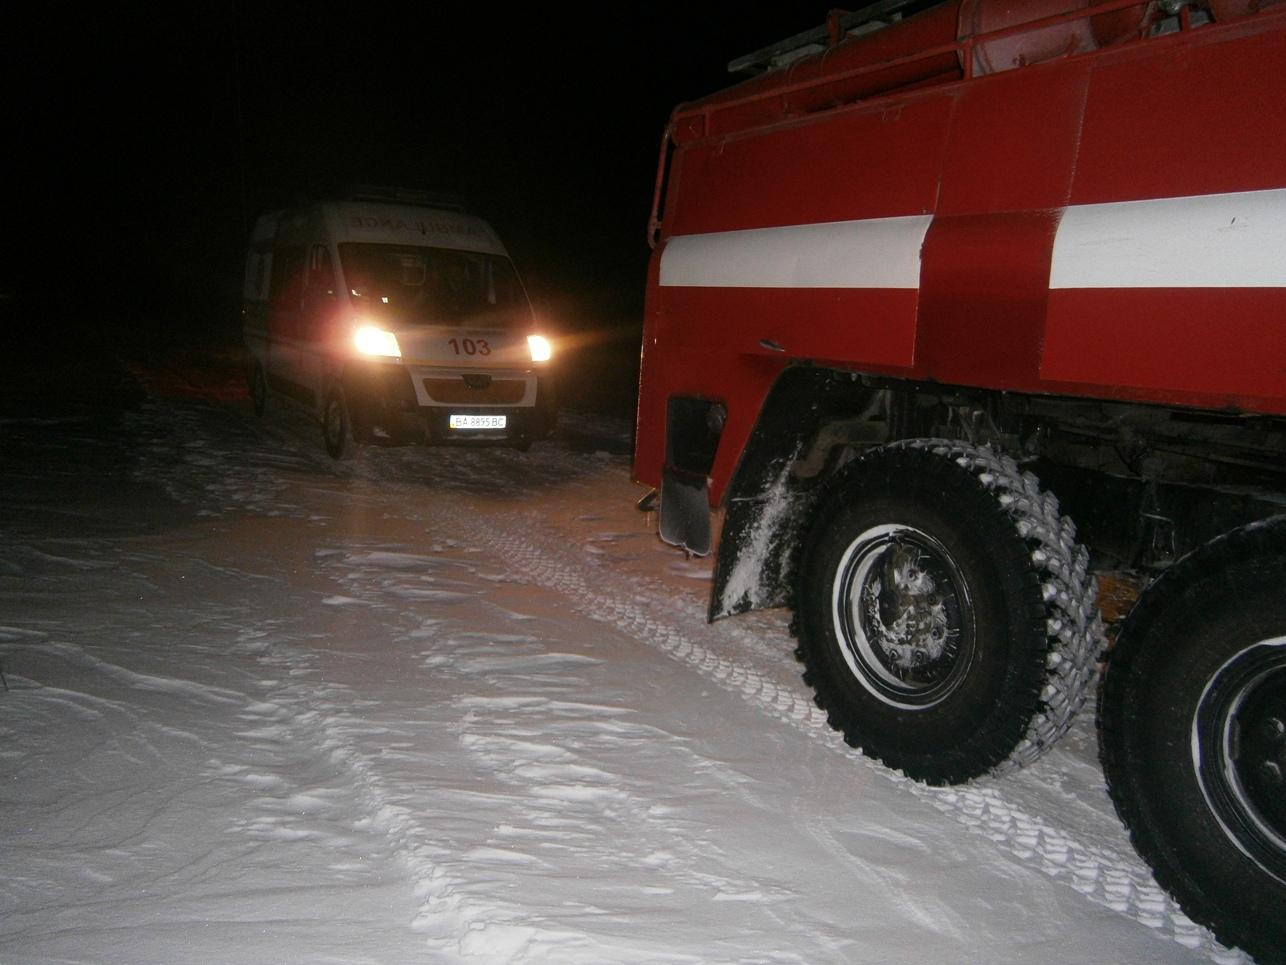 Рятувальники Кіровоградщини допомогли вибратись зі складних ділянок дороги майже 800 водіям. ФОТО 6